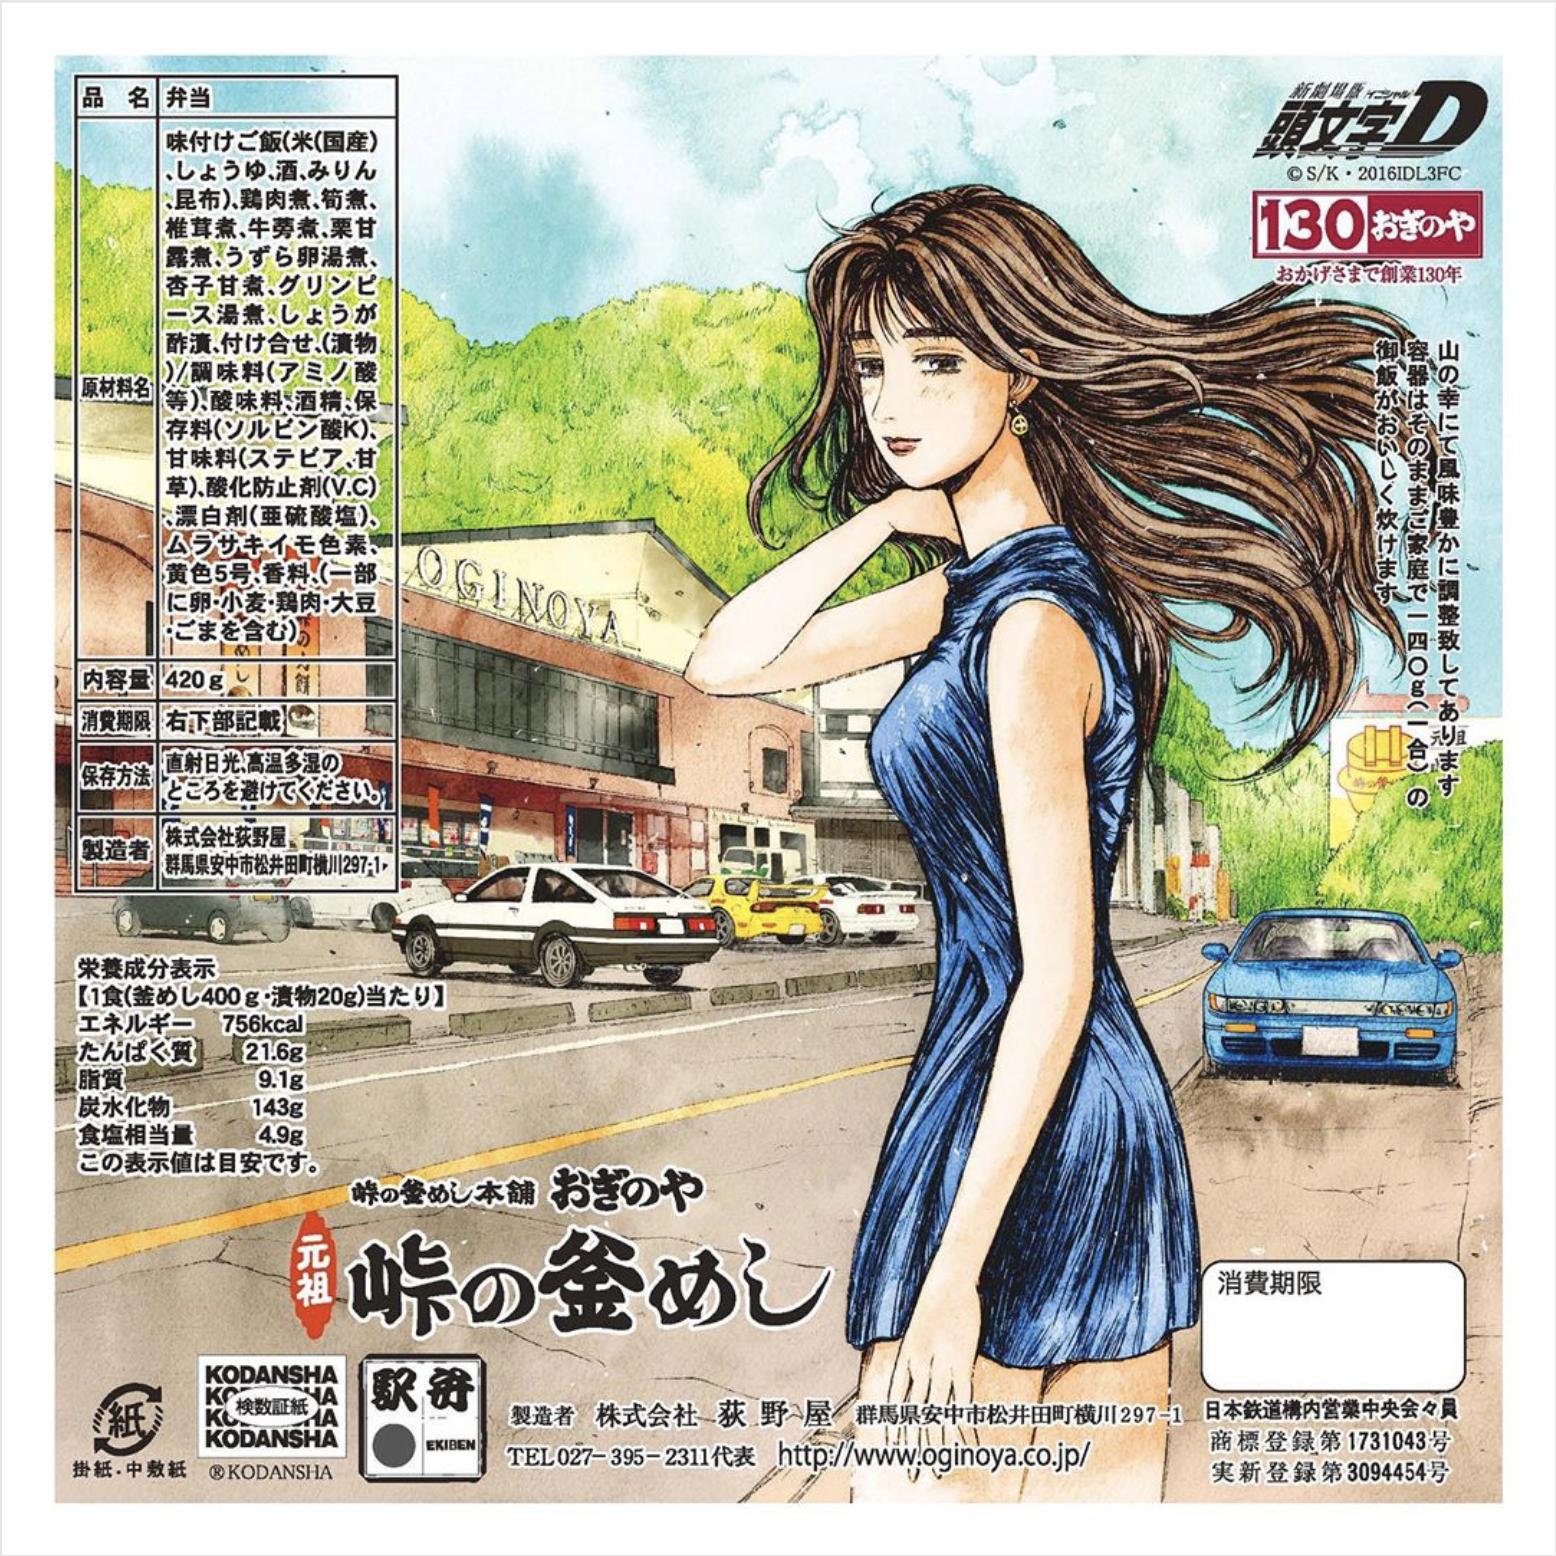 『頭文字D』峠の釜めし特別掛け紙Ver2 描き下ろし/水彩イラスト